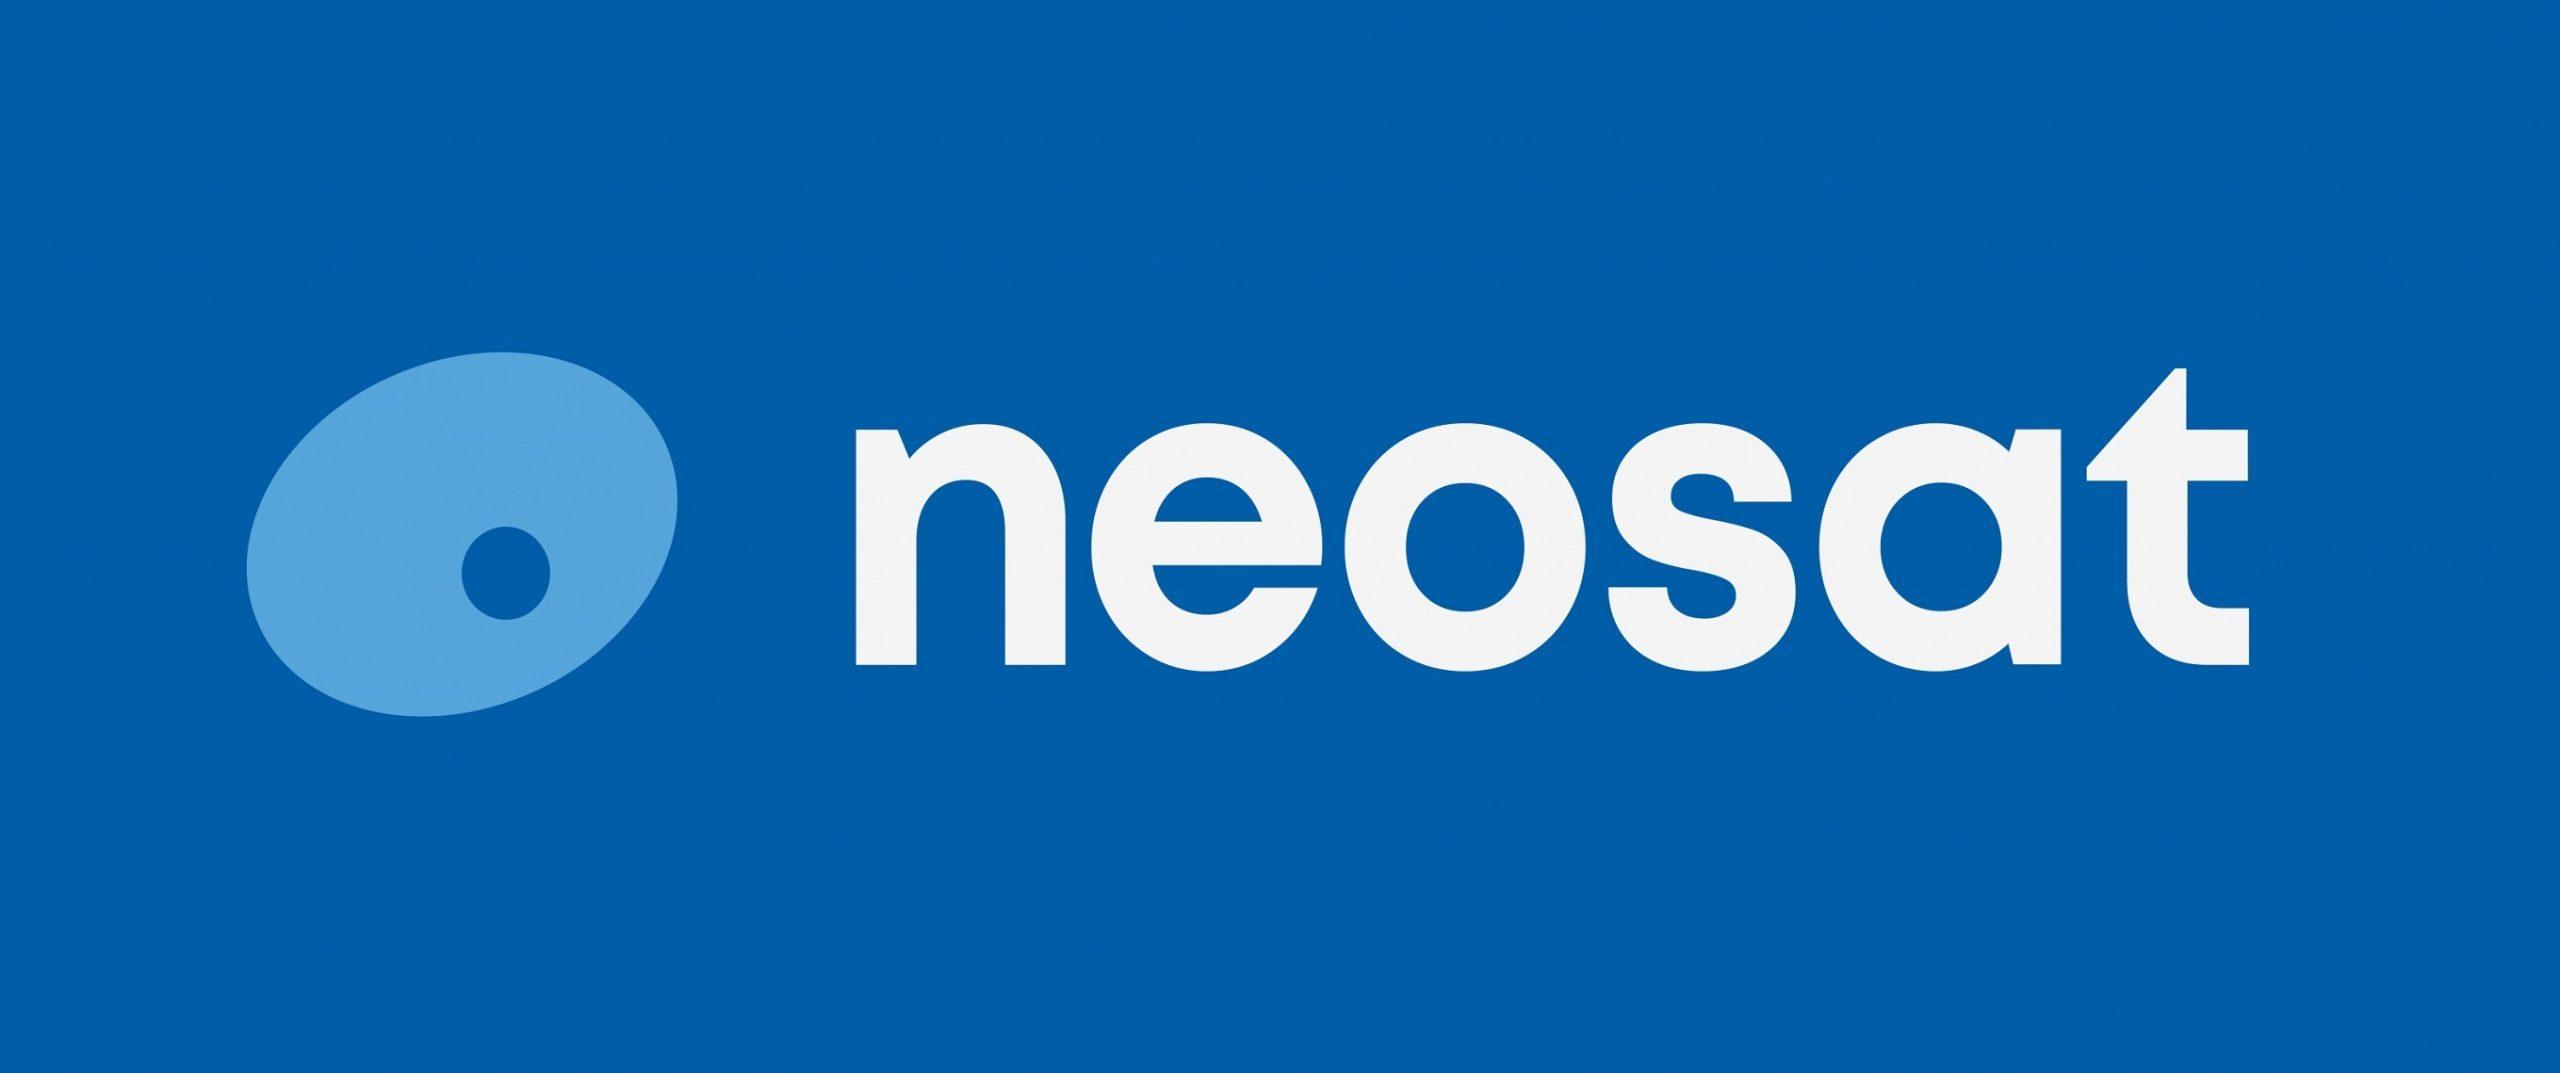 Neosat_logo_blue-3